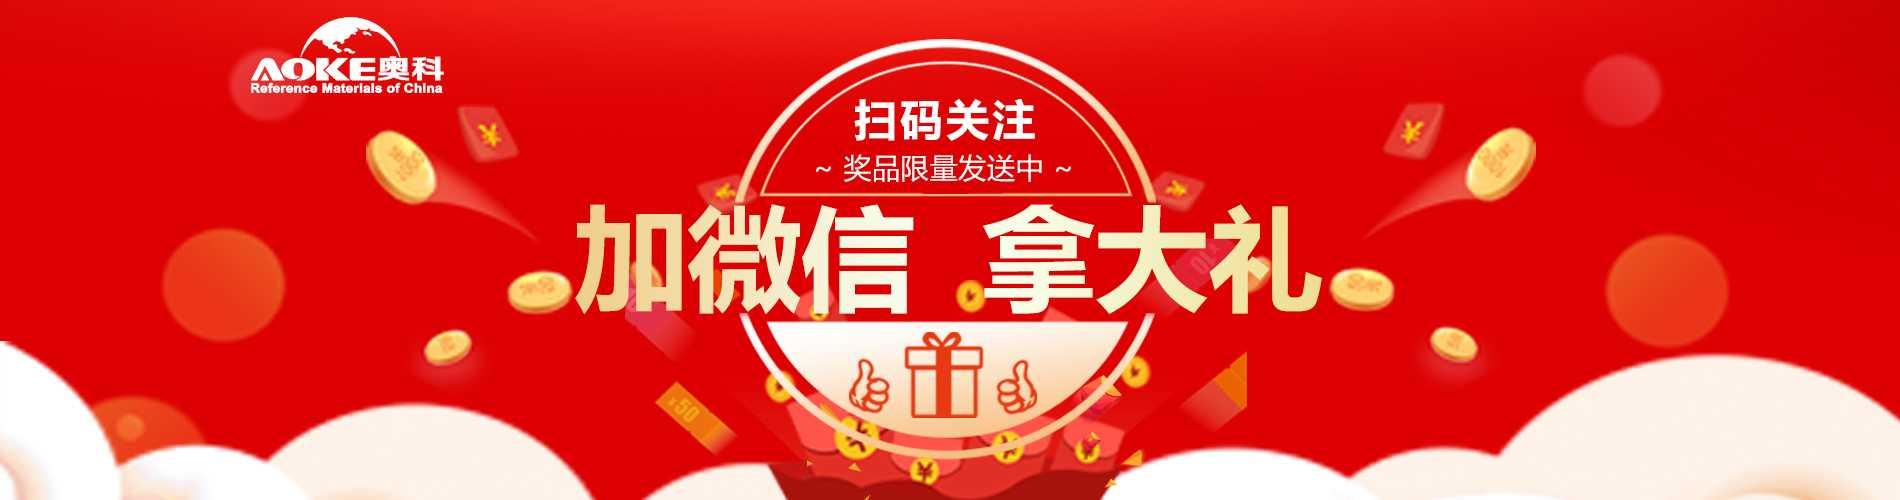 微信抽奖活动-www.bzwz.com伟业计量